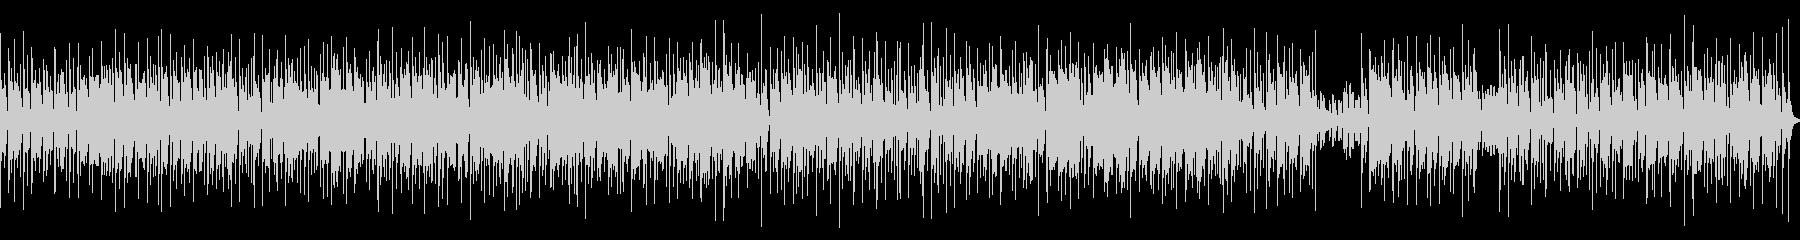 コミカル、インド、エスニックな曲の未再生の波形